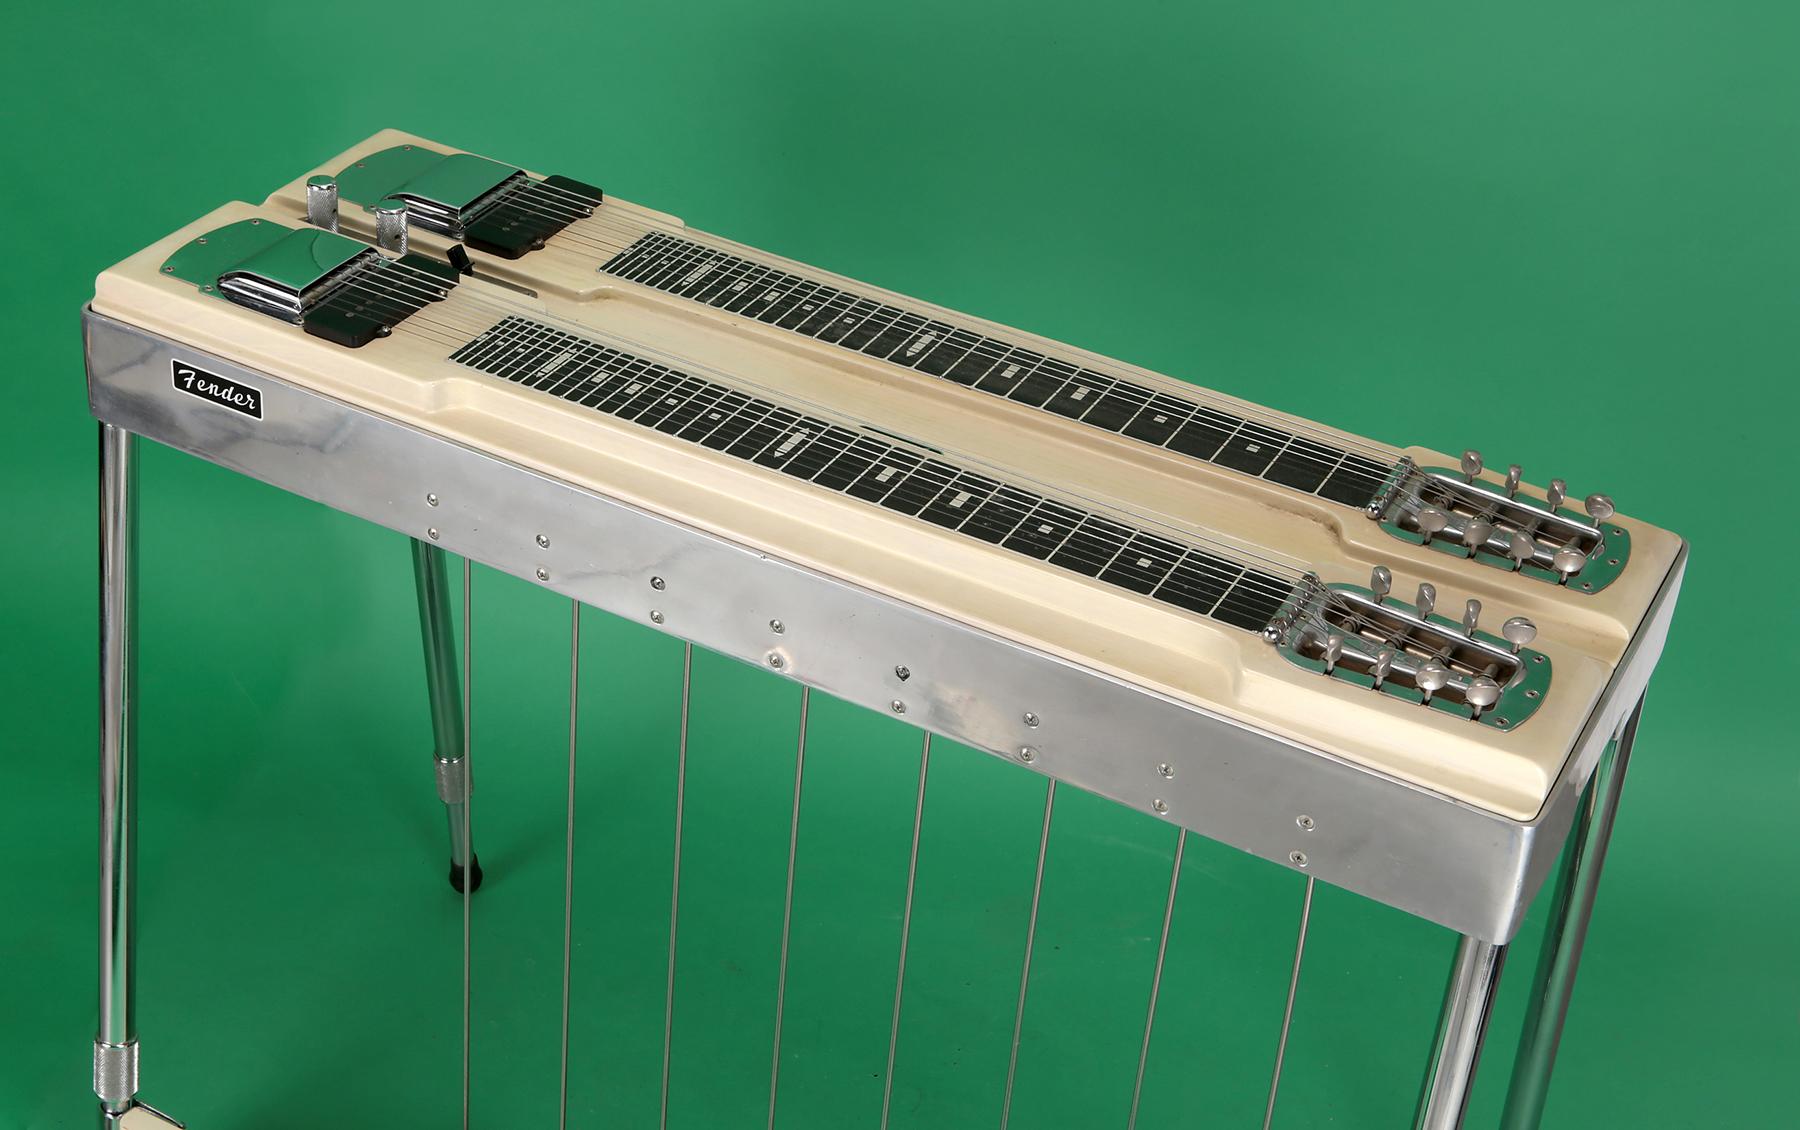 fender 1000 model pedal steel guitar 1958 blonde guitar for sale jay rosen music. Black Bedroom Furniture Sets. Home Design Ideas